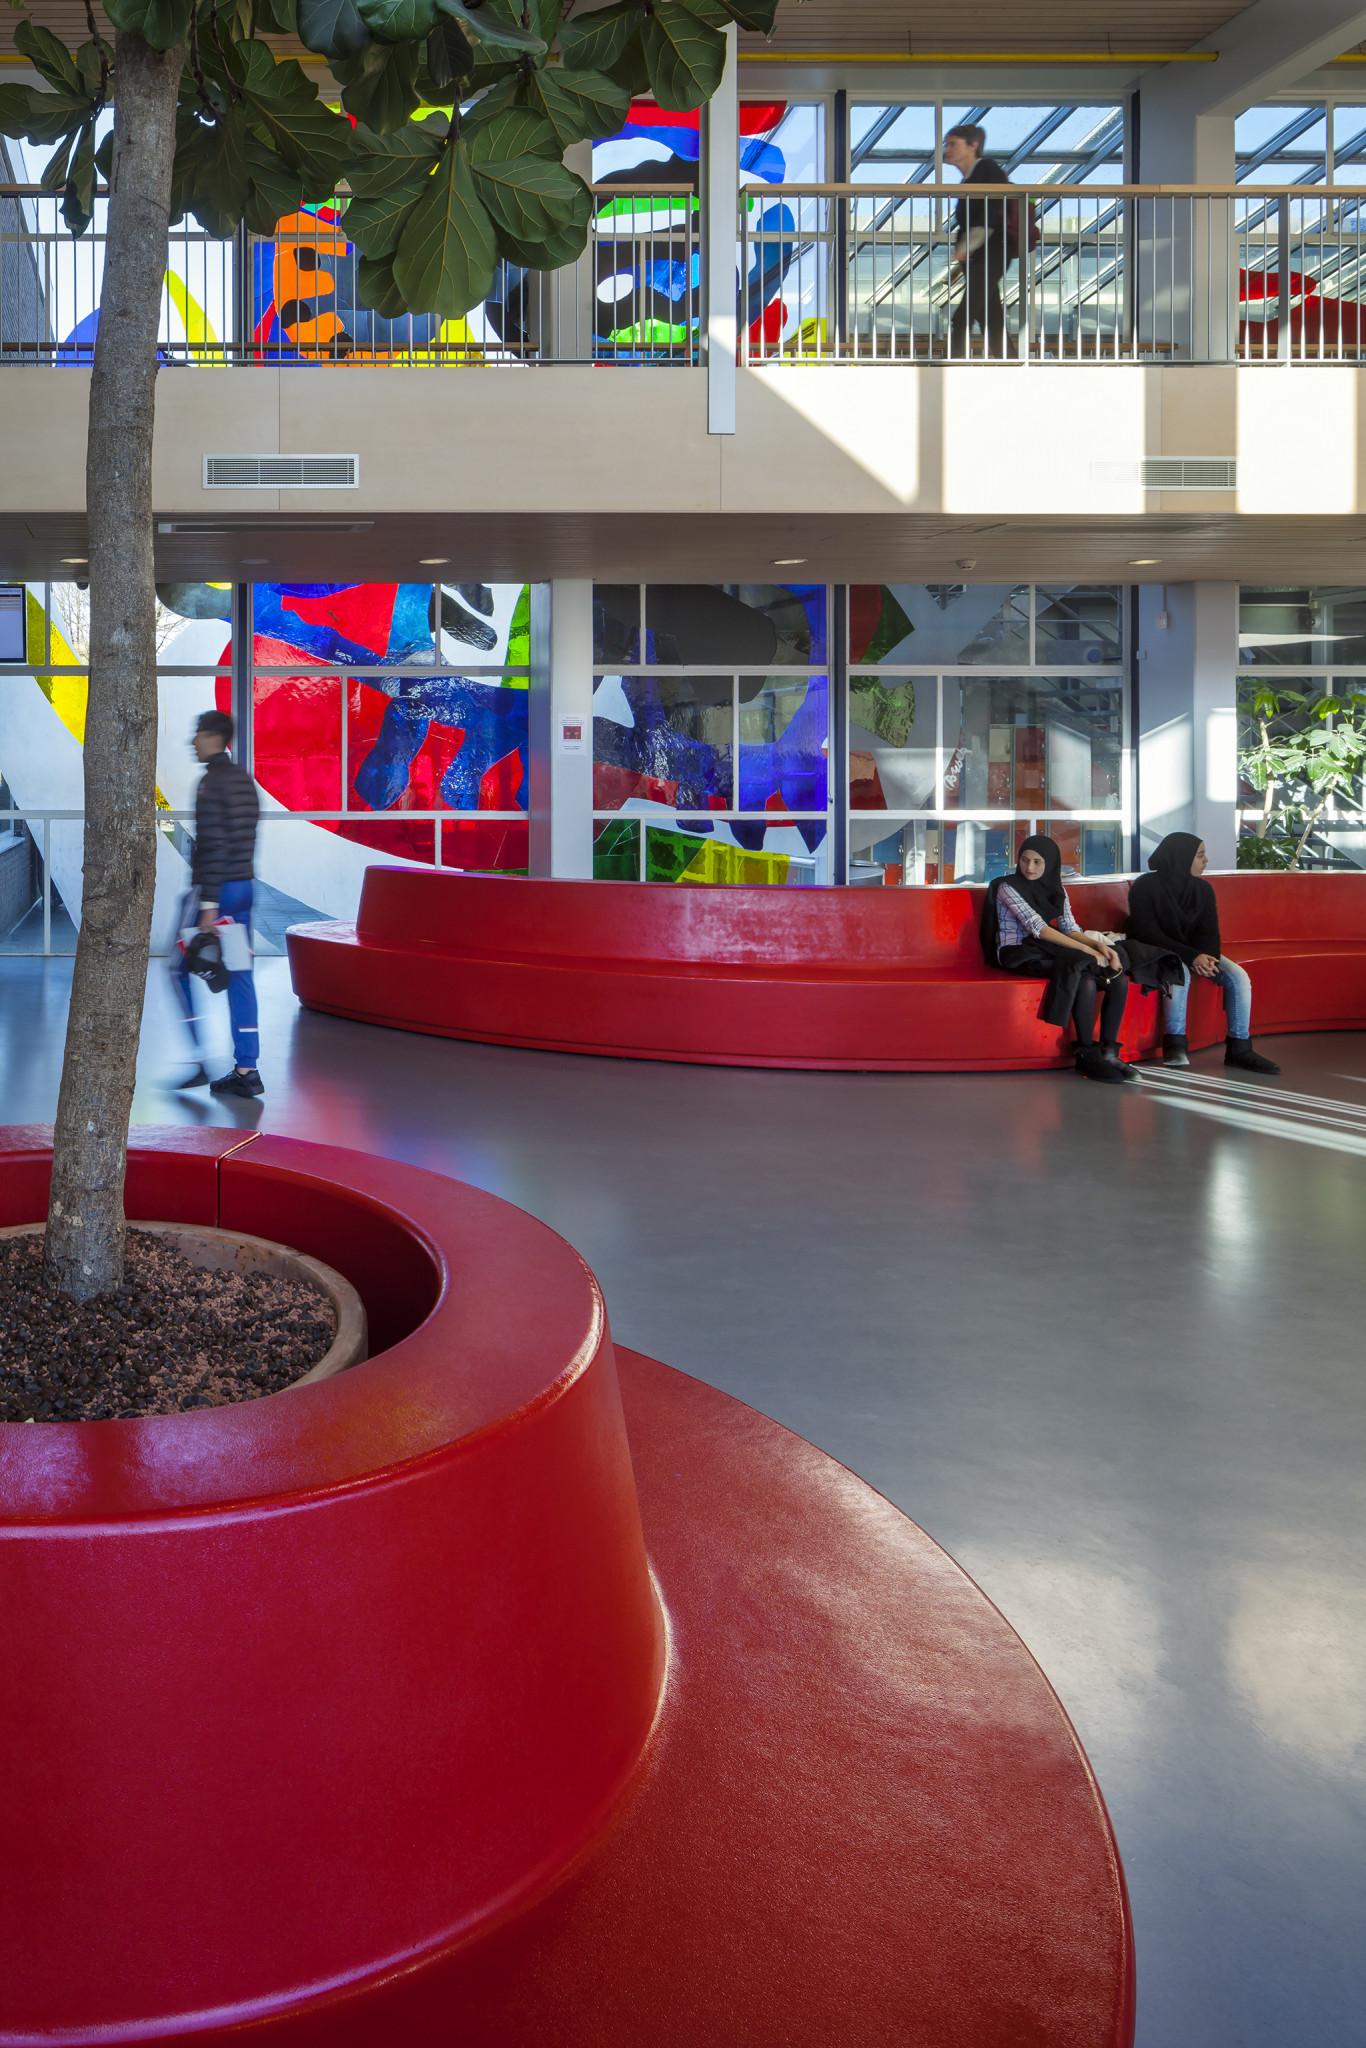 De Ontwerpwerkplaats, Gijs Niemeijer, Floor van Ditzhuyzen, Speciaal schoolmeubilair, ontwerp schoolmeubilair, meubelontwerp school, meubelontwerp voor scholen, ontwerp lockers, speciaal schoolmeubilair, inrichting scholen, schoolinrichting,